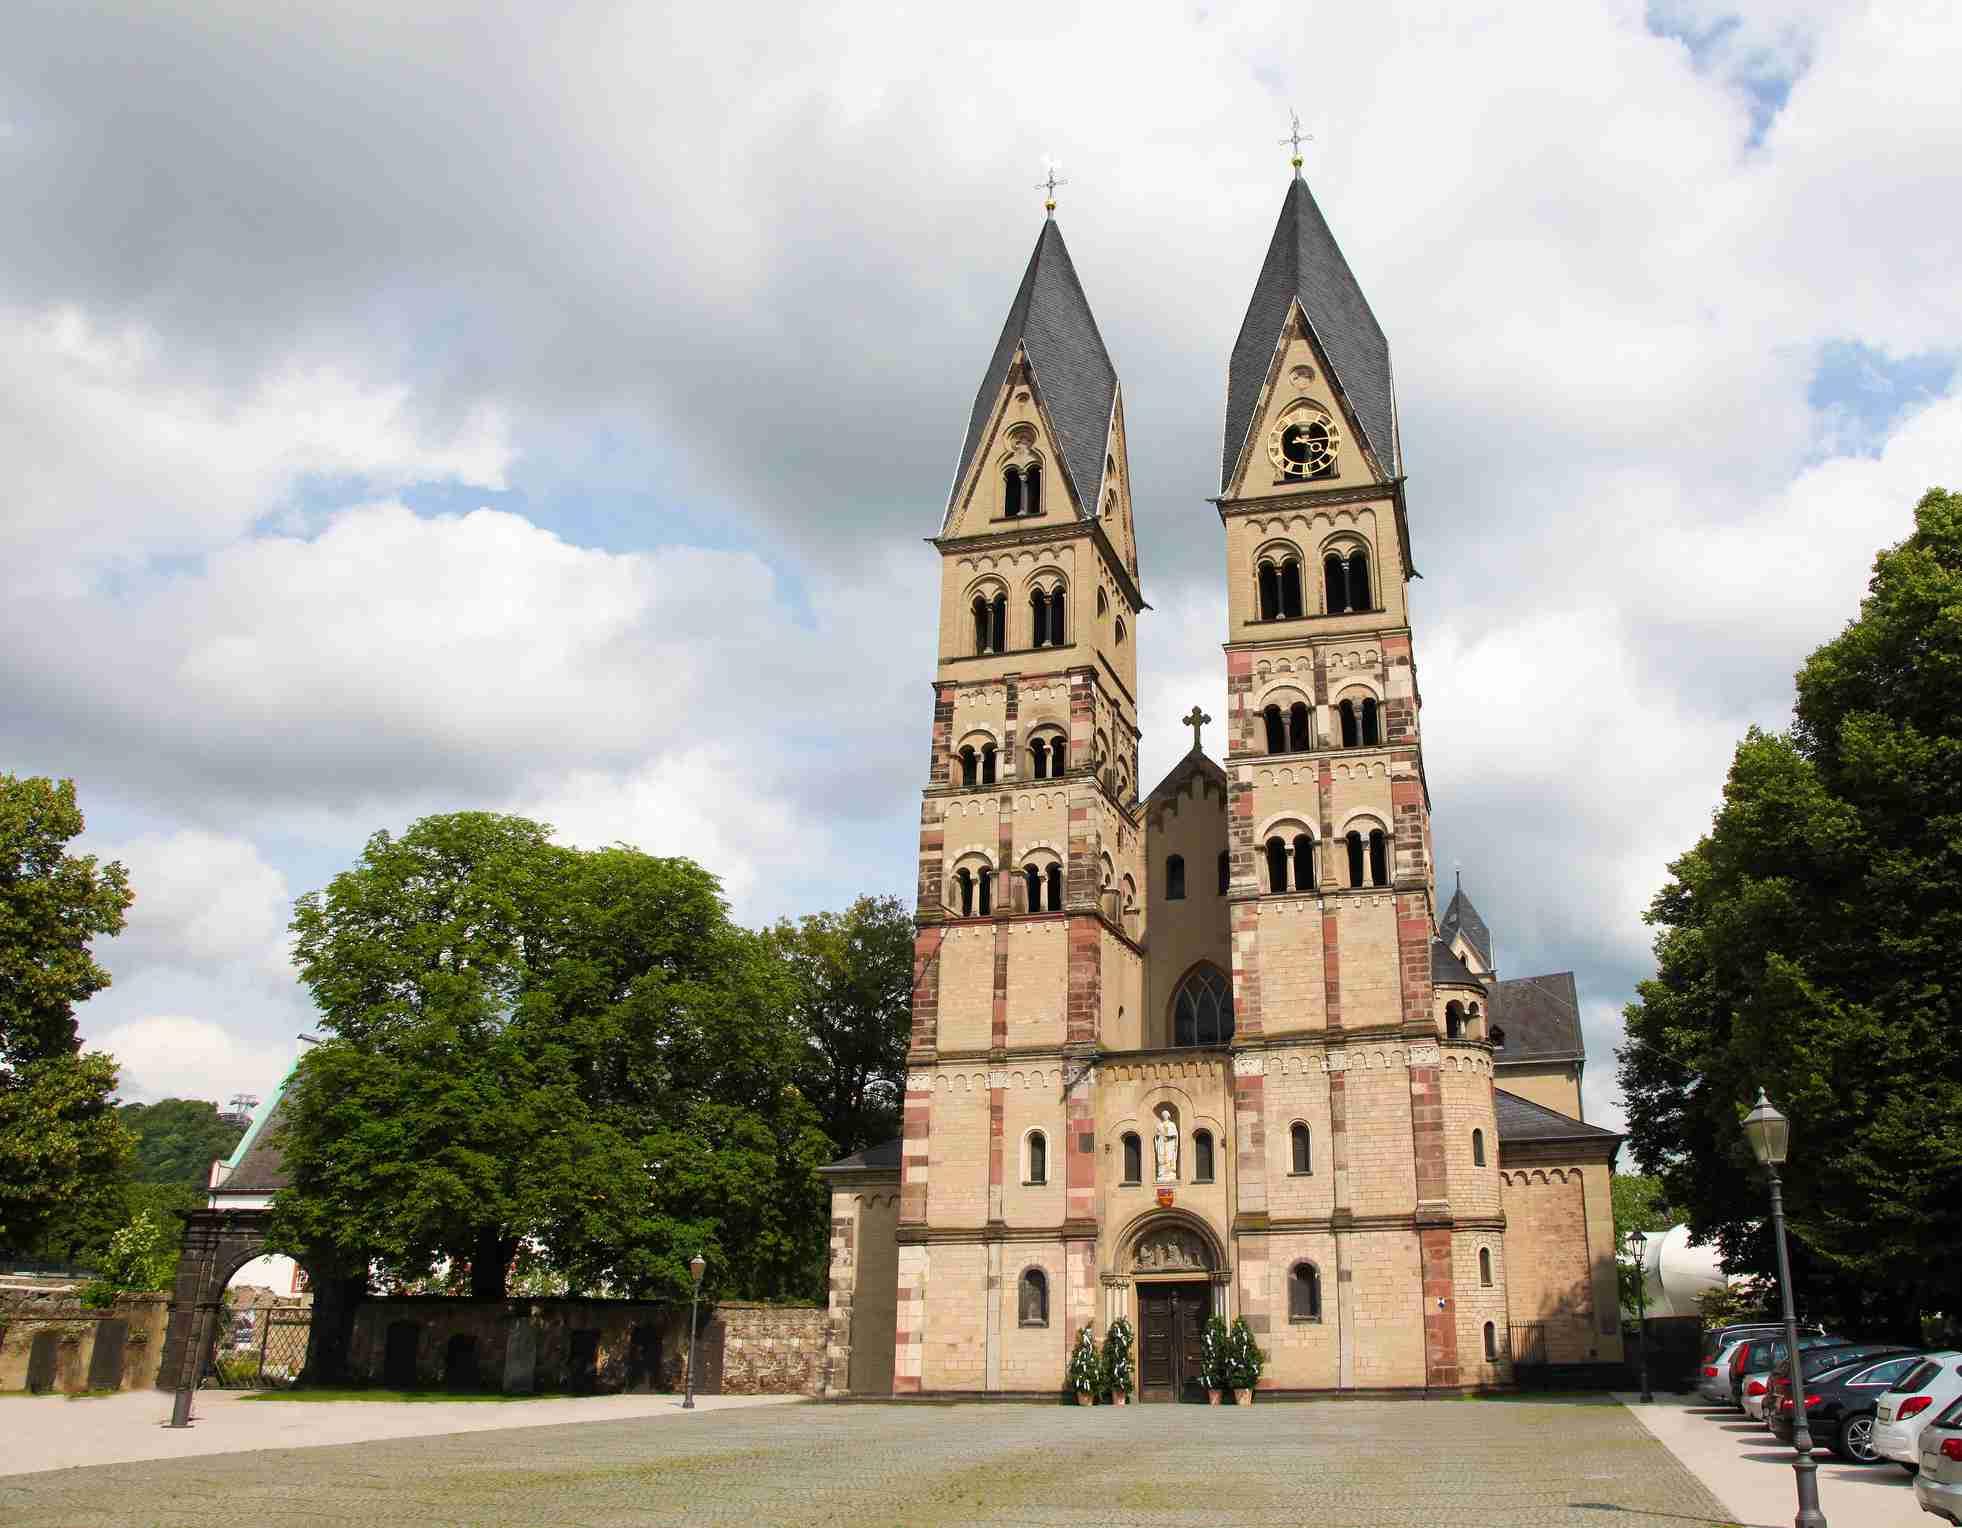 Koblenz Basilica of St. Castor